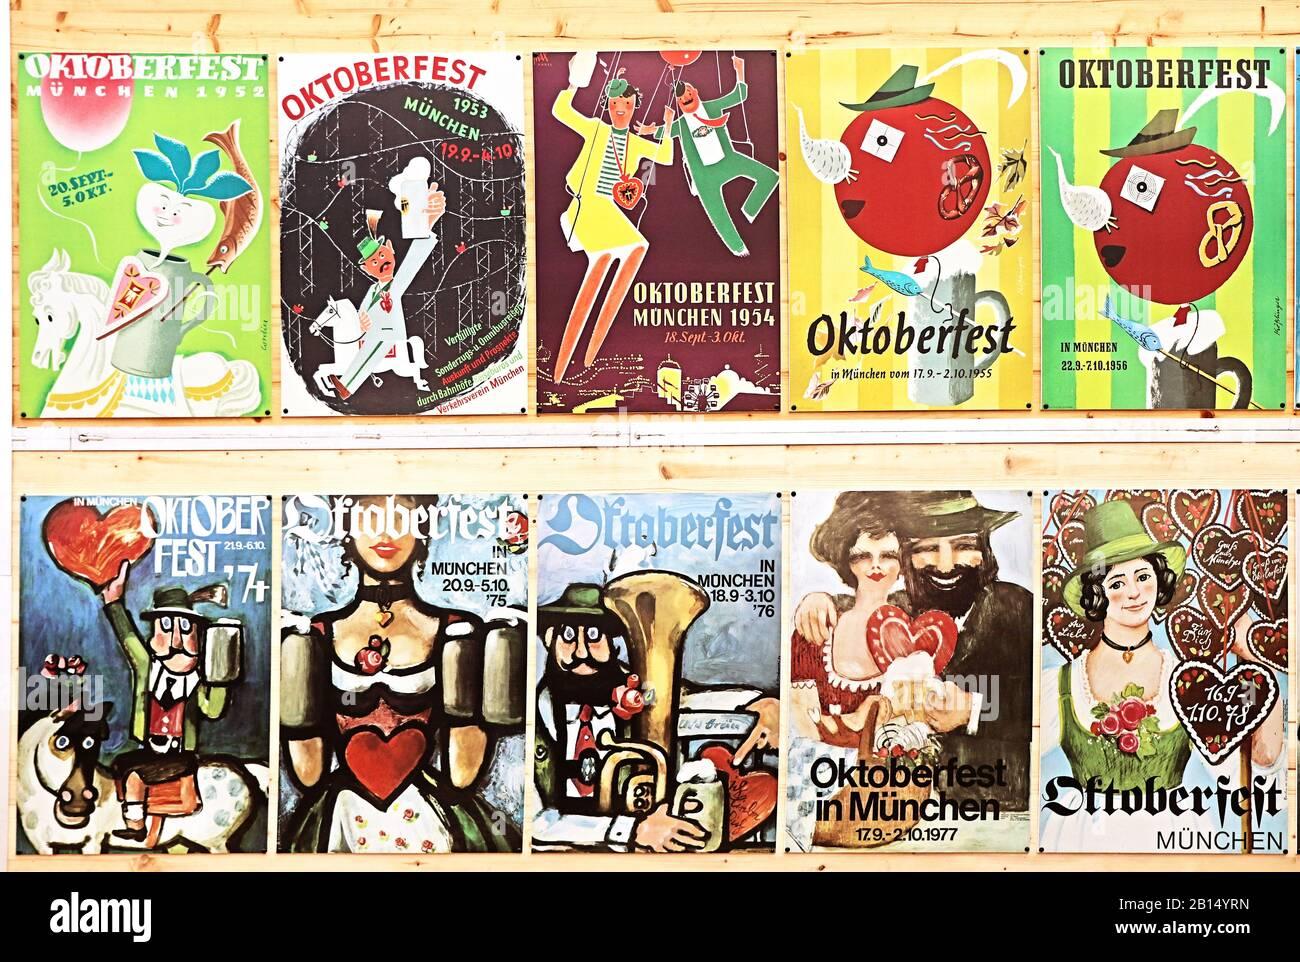 Múnich, ALEMANIA - 1 DE OCTUBRE de 2019 carteles de la Oktoberfest de la época en exhibición en la parte histórica de Oide Wiesn de la Oktoberfest en Munich, familia y niño- Foto de stock